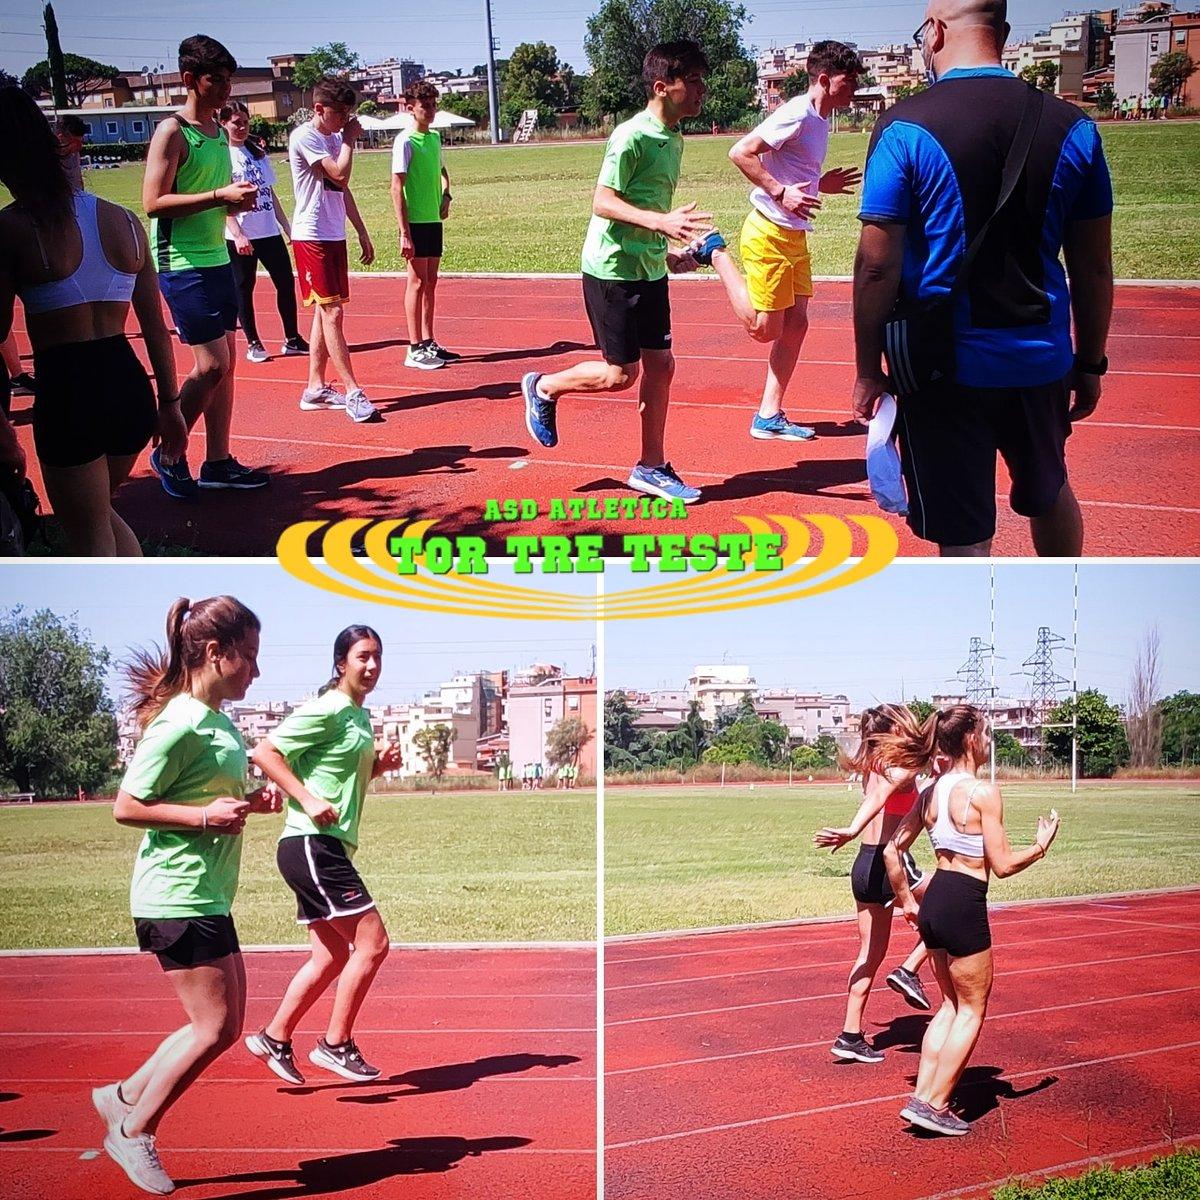 Questa mattina si #lavora sui #fondamentali per la #velocità. I prossimi #eventi sono alle porte e la #preparazione si fa mirata.  #lazio #roma #fidalroma #fidallazio #impegno #atletica #atleticatortreteste #verdefluo #fast #run #correre #running #fitness #motivation #tokio2020 https://t.co/SB1kjSQFIM